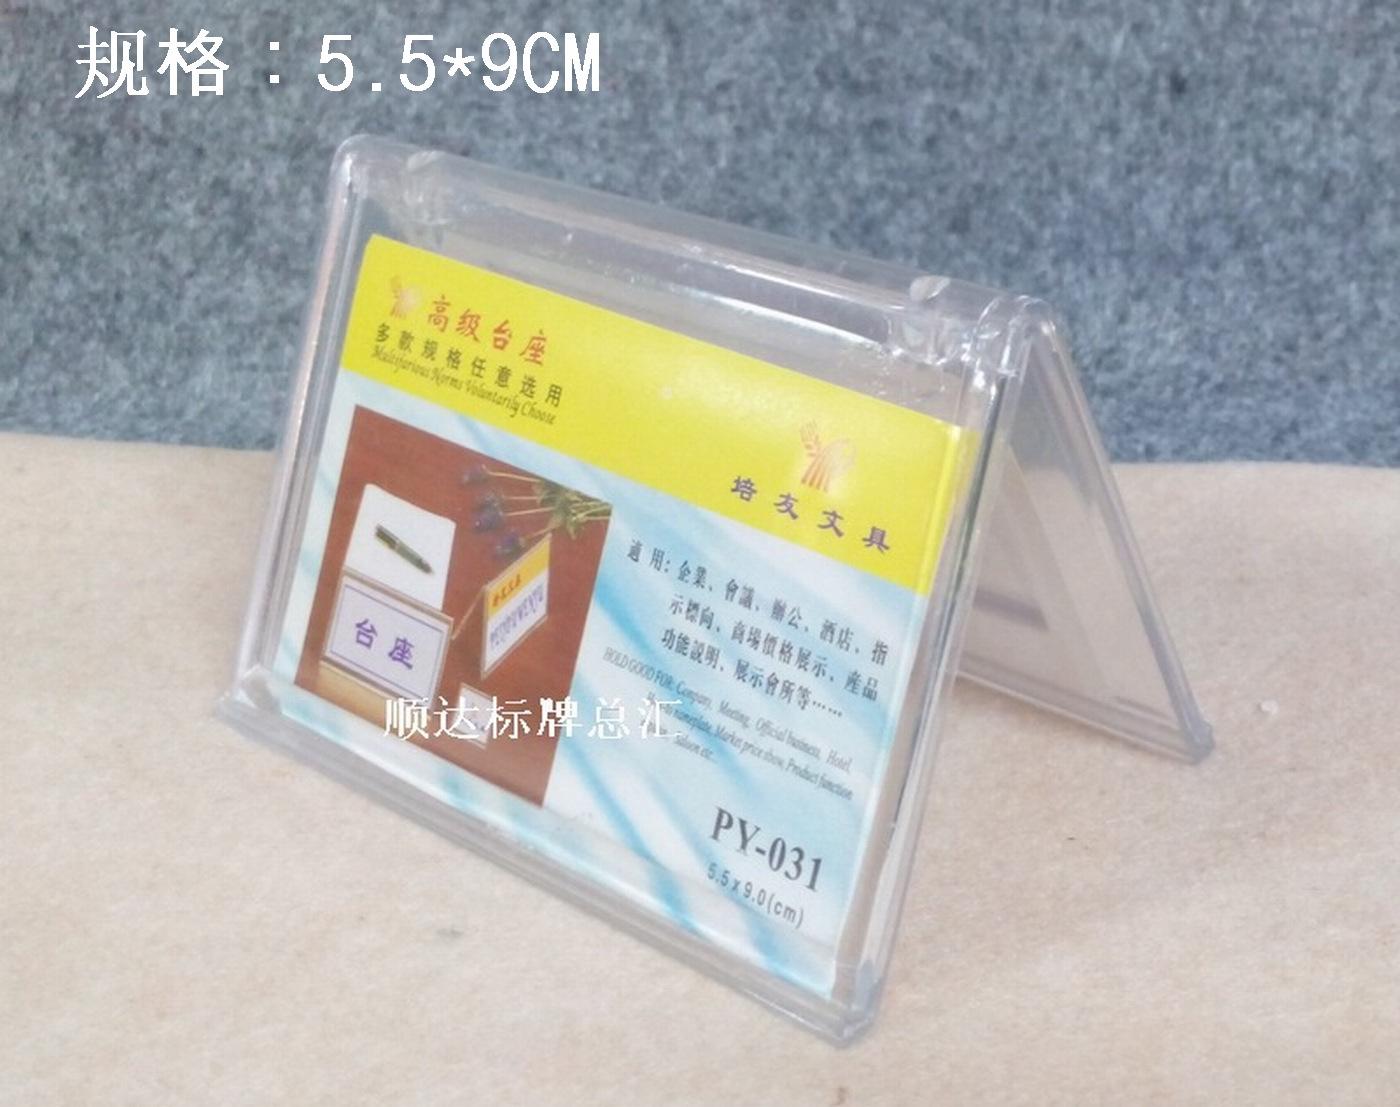 亚克力桌牌_三角台座会议牌 v形台牌台签台卡 双面亚克力桌牌展示牌酒水牌031商品